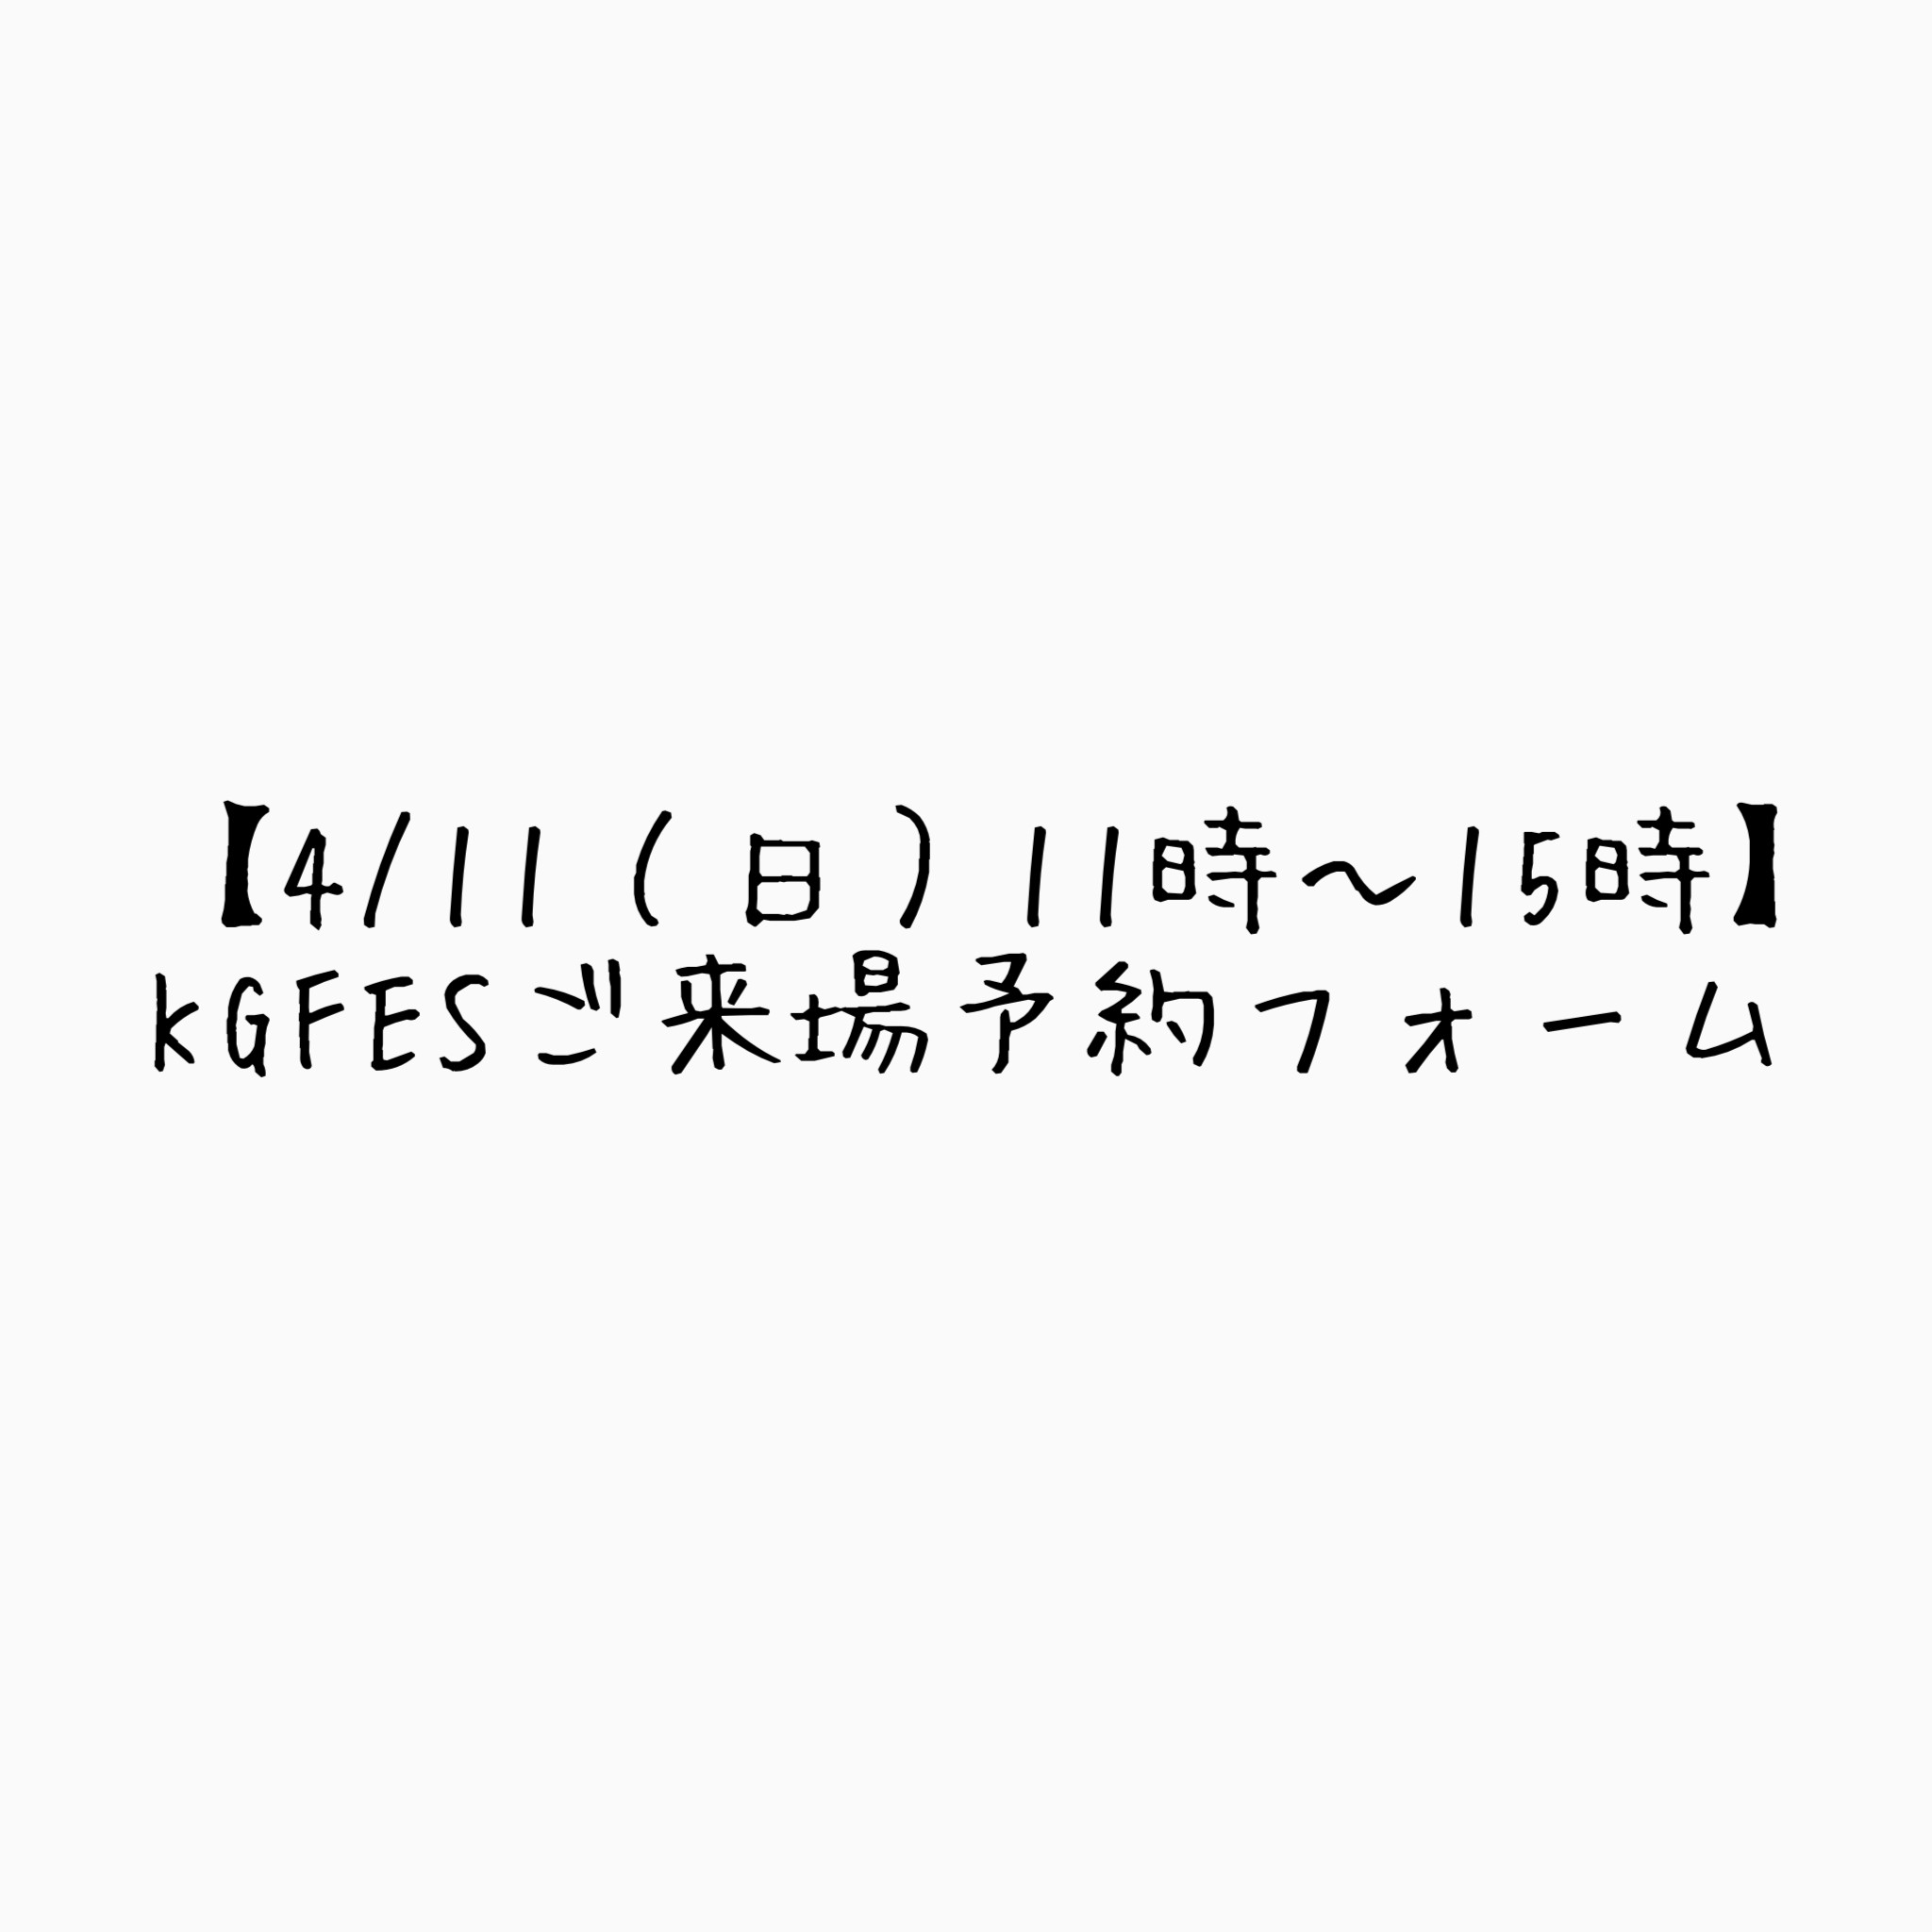 【4/11】KGFESご来場予約フォーム